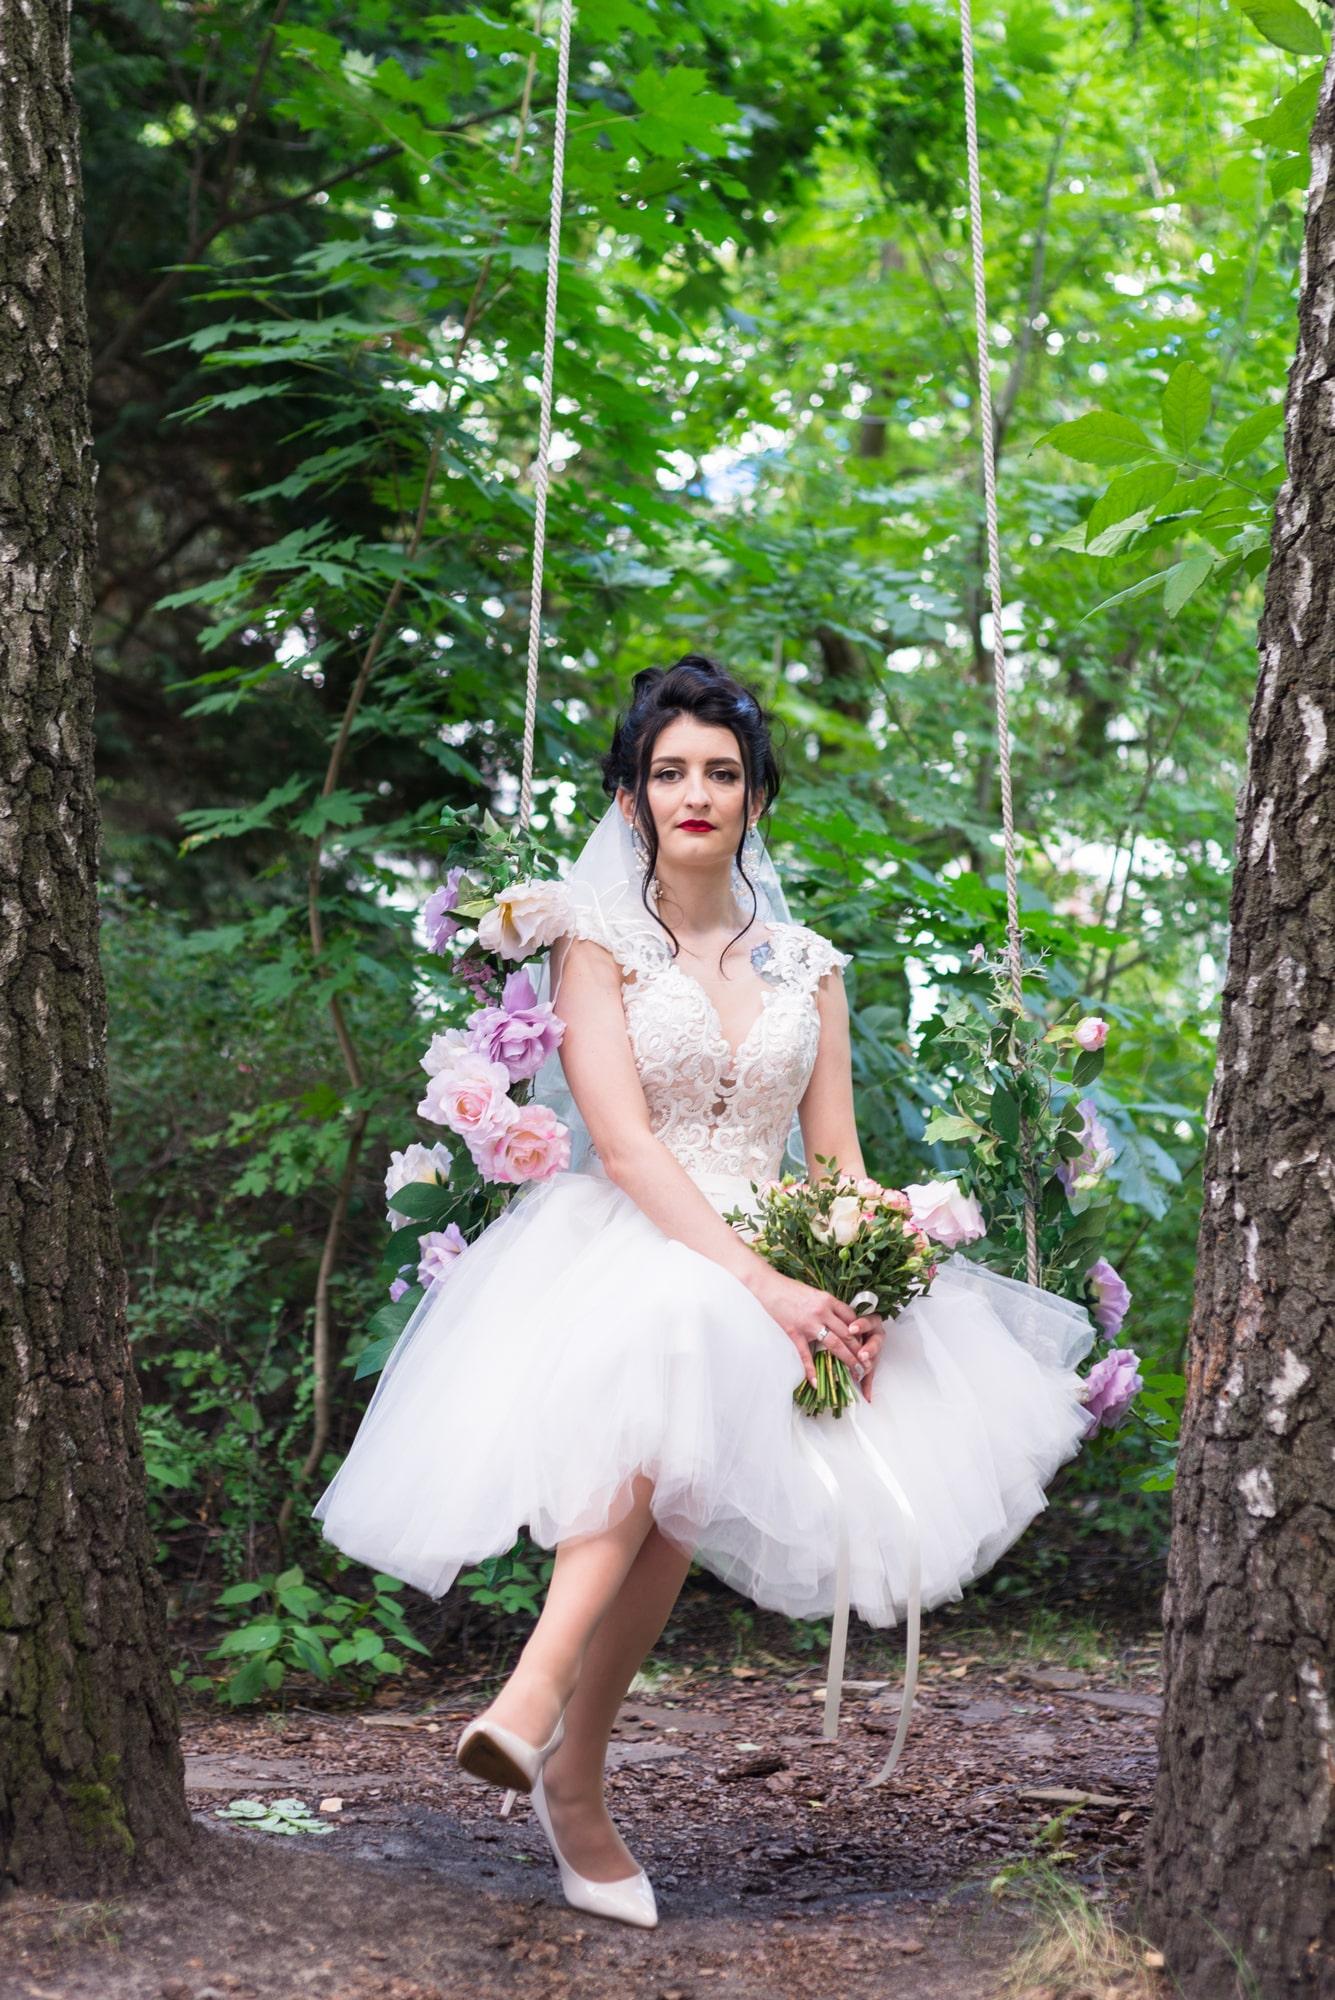 Свадебная фотосессия в студии Play - невеста на качели